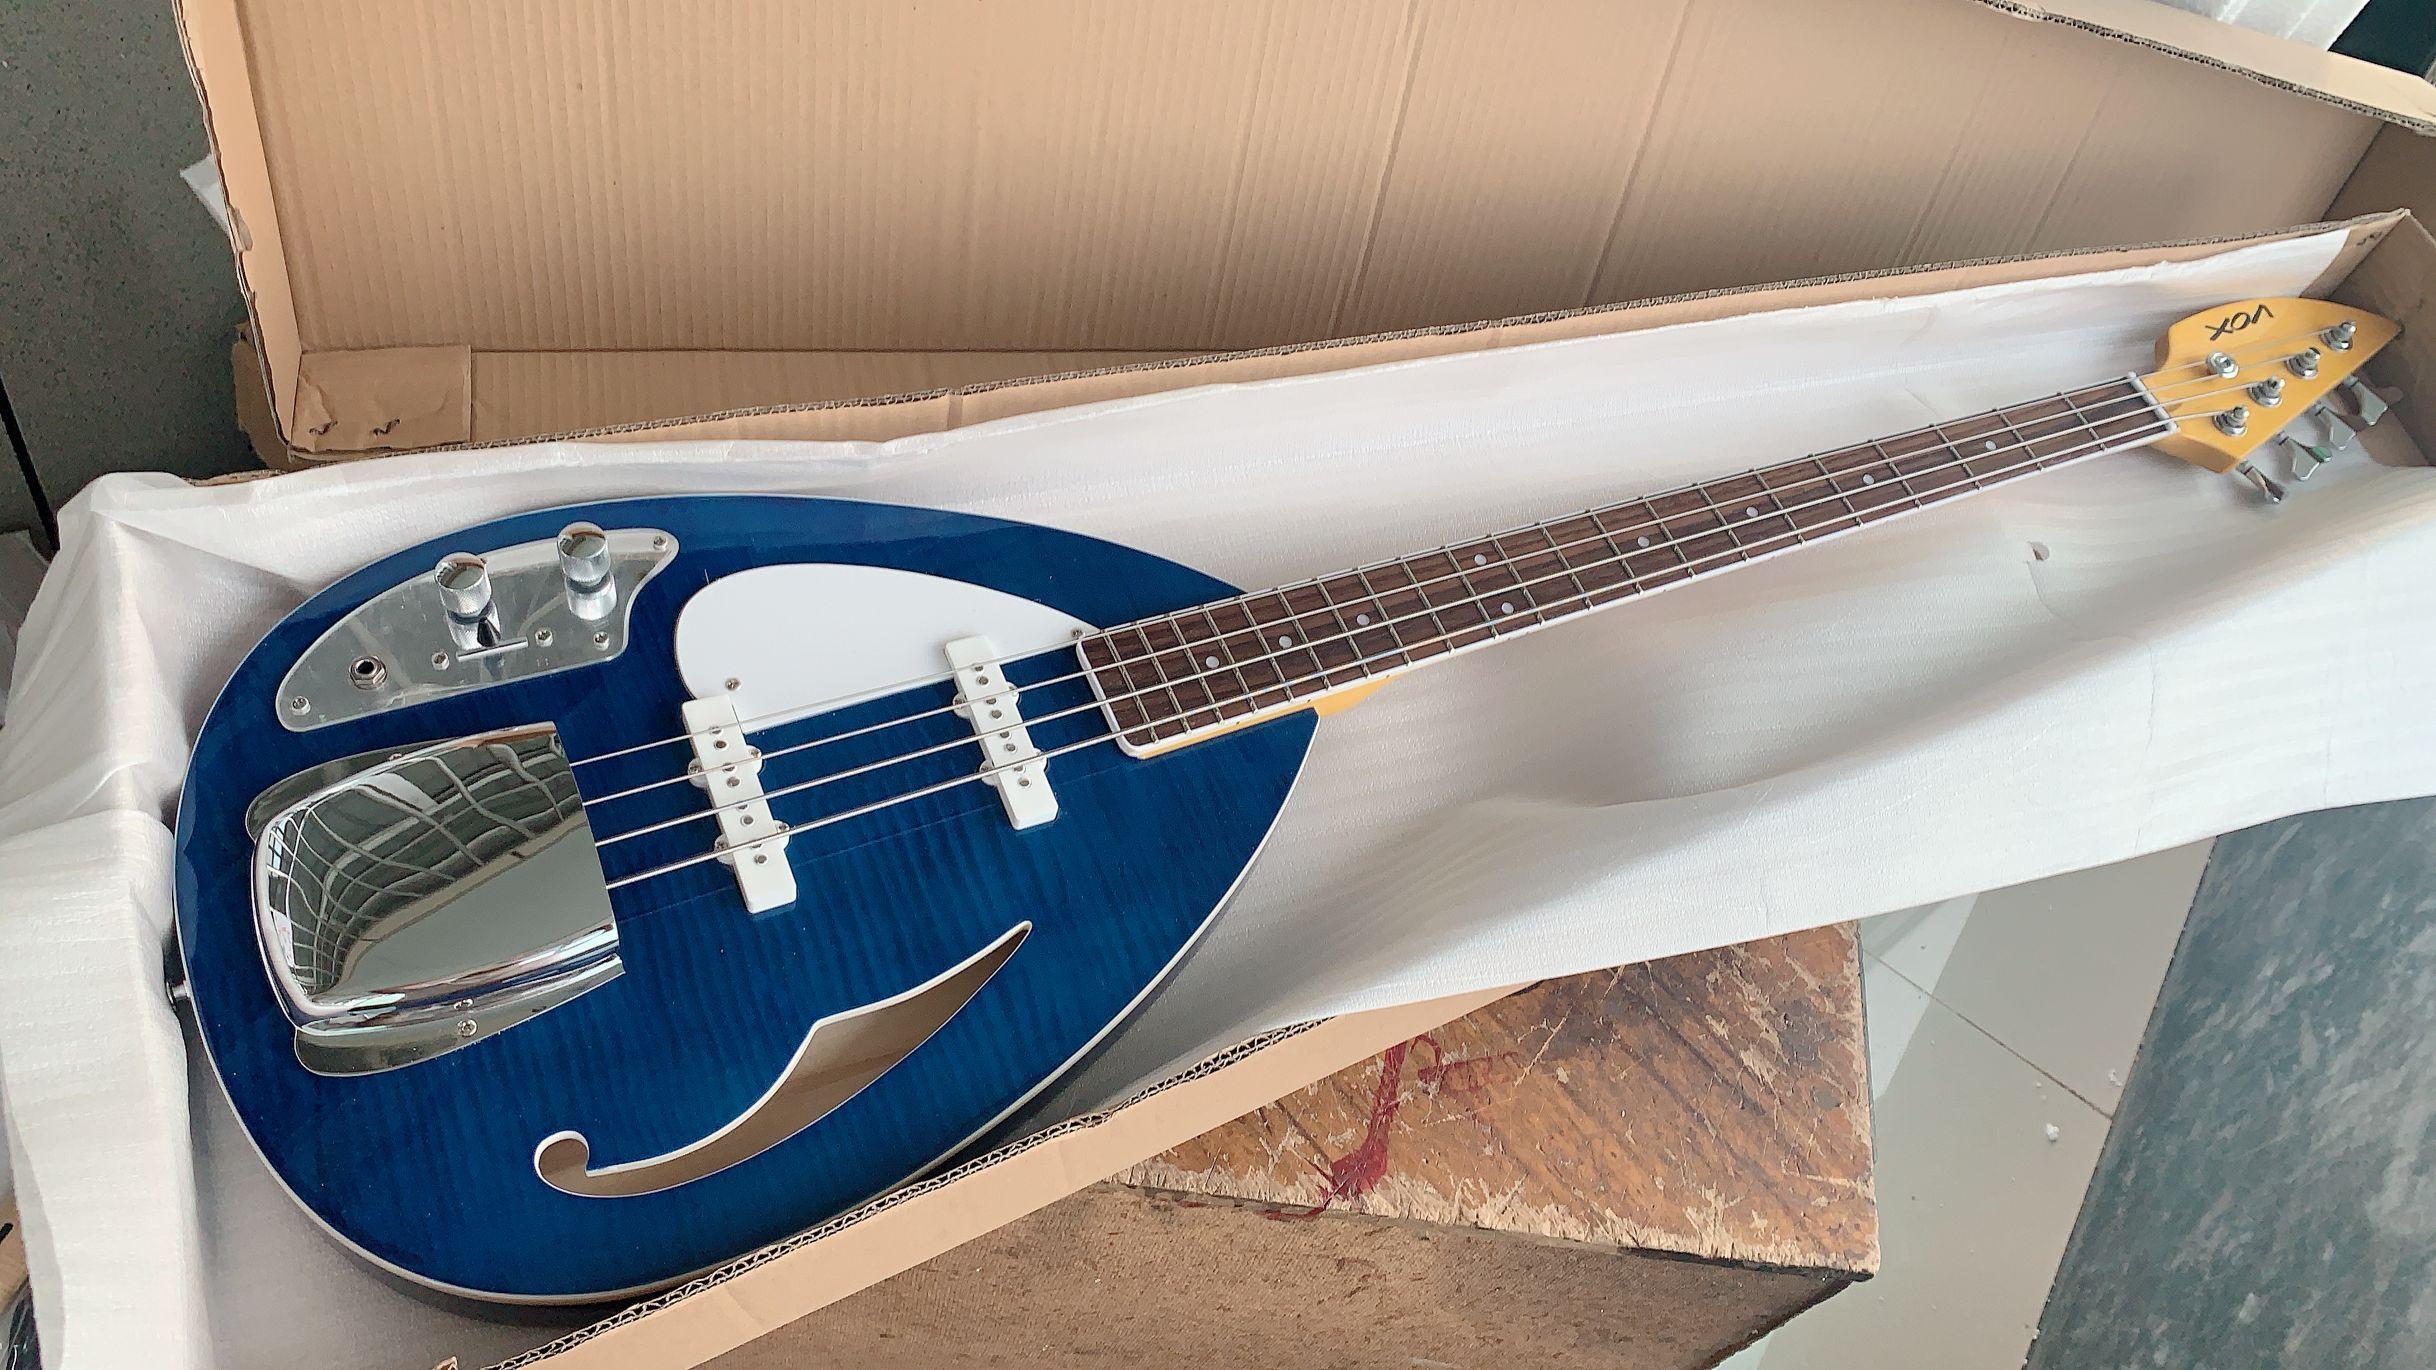 왼손잡이 4 현베이스 VOX 블루 반 중공 바디 왼손잡이 일렉트릭 기타 BASS F 구멍 본체 크롬 하드웨어